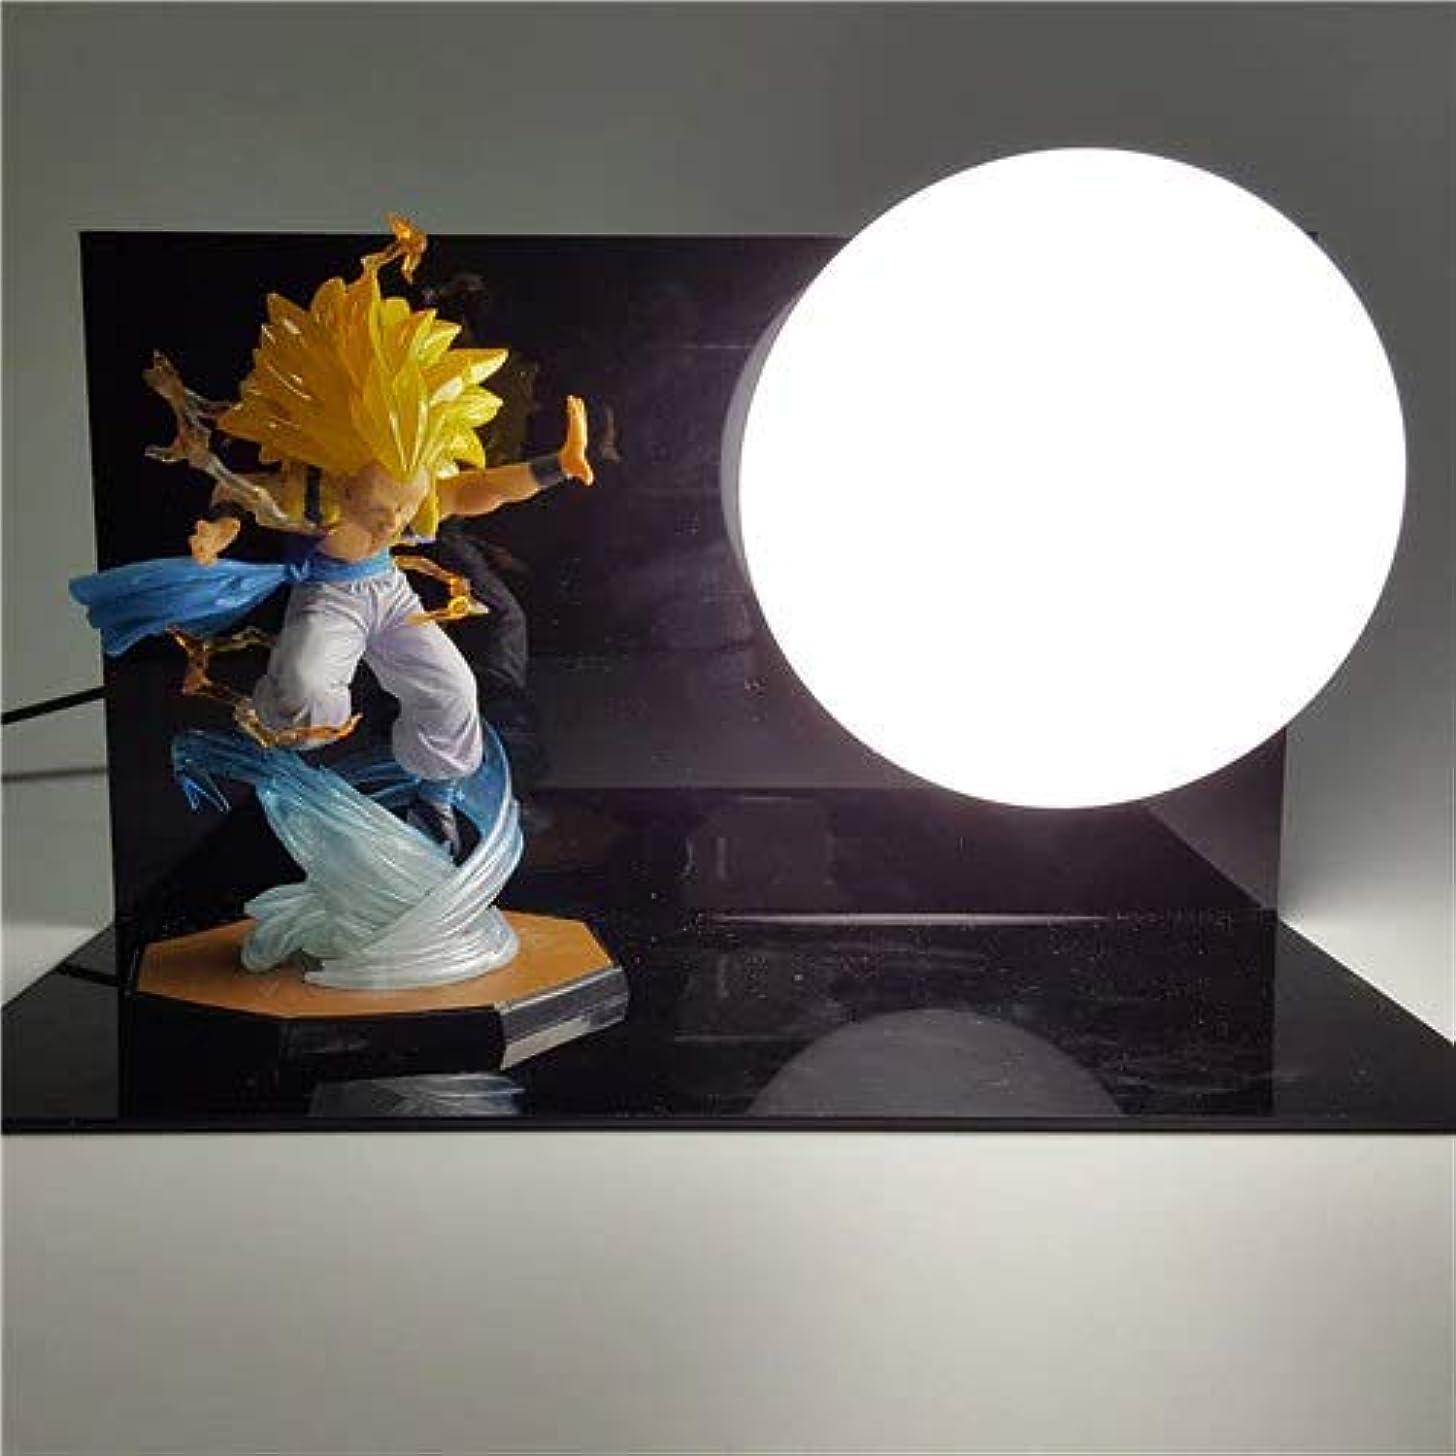 Vegeta Gohan Luminaria LED Dragon Ball Son Goku Night Lights Table Lamp Dragon Ball Room Decorative Lighting Holiday Xmas Gifts (5)